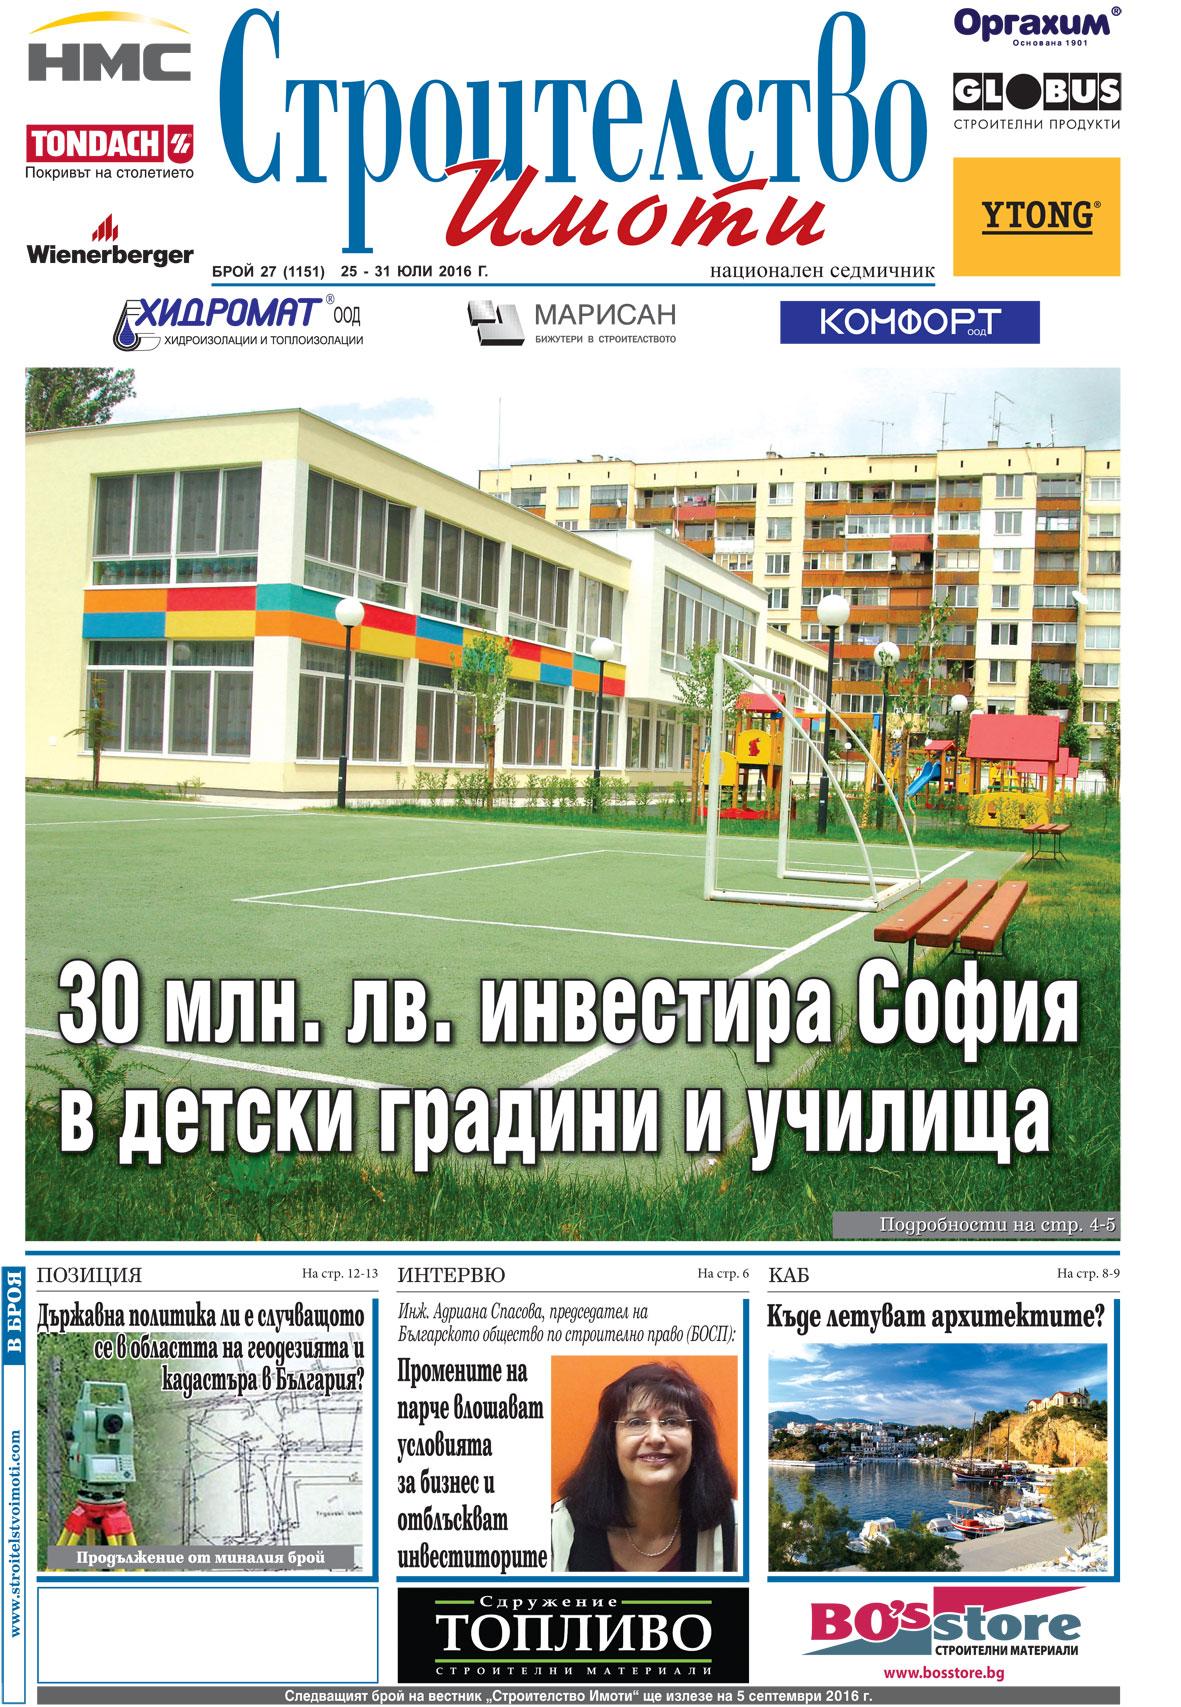 25072016_StroitelstvoImoti_001